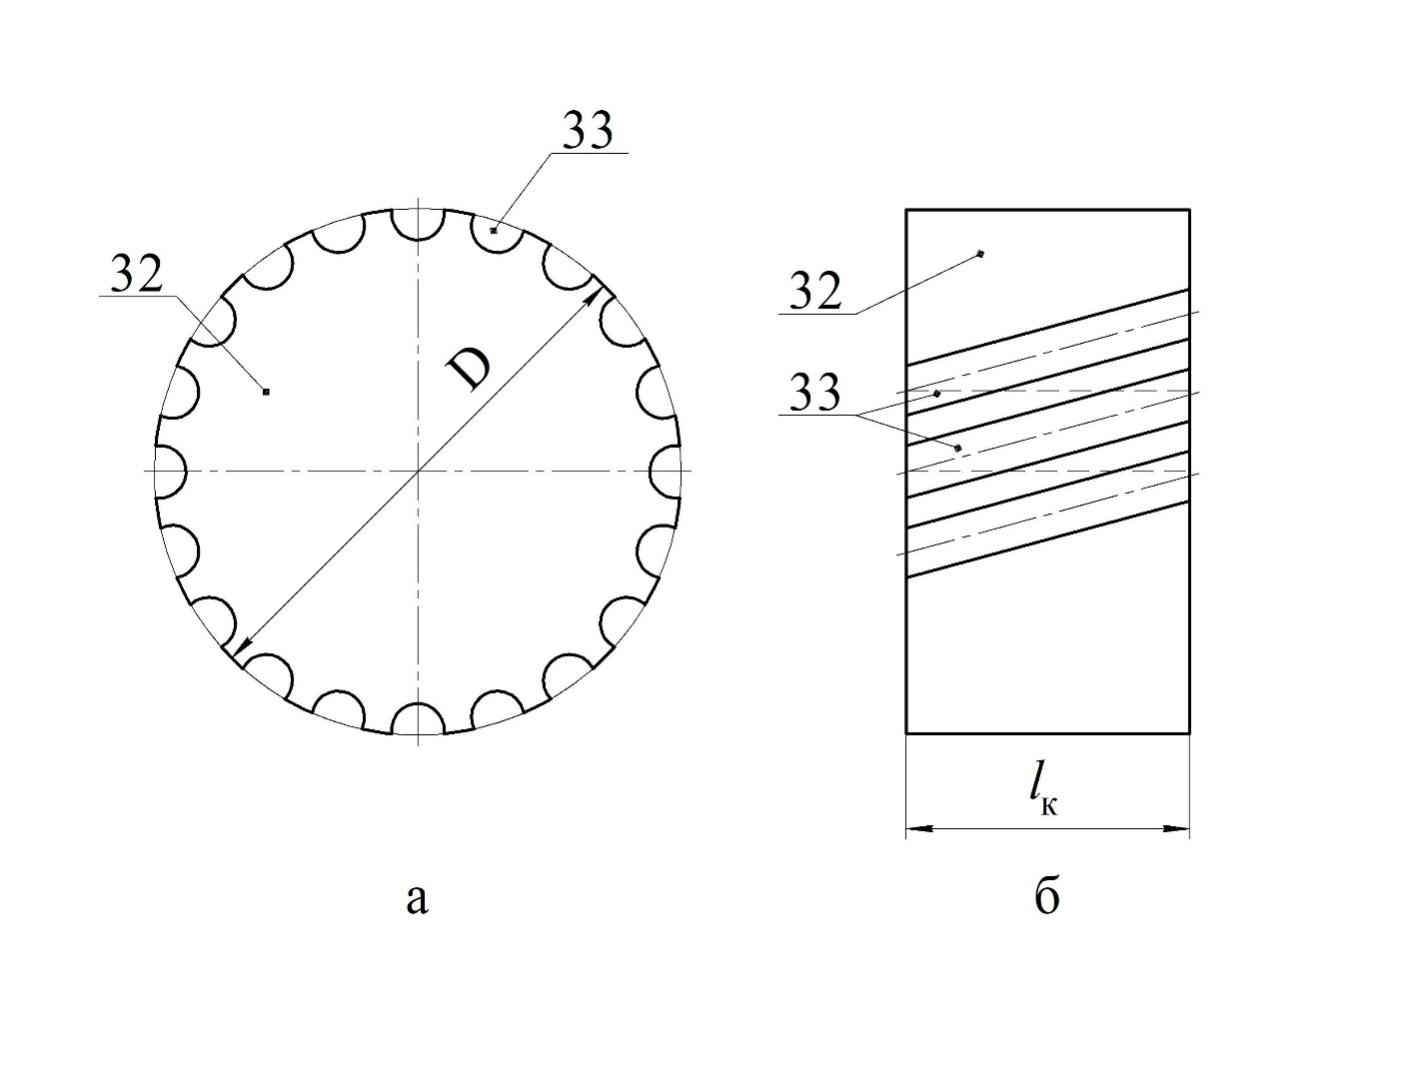 word image 246 Разработка конструктивной схемы и обоснование параметров почвообрабатывающего посевного агрегата с пневматическим высевом семян для тракторов класса тяги 5